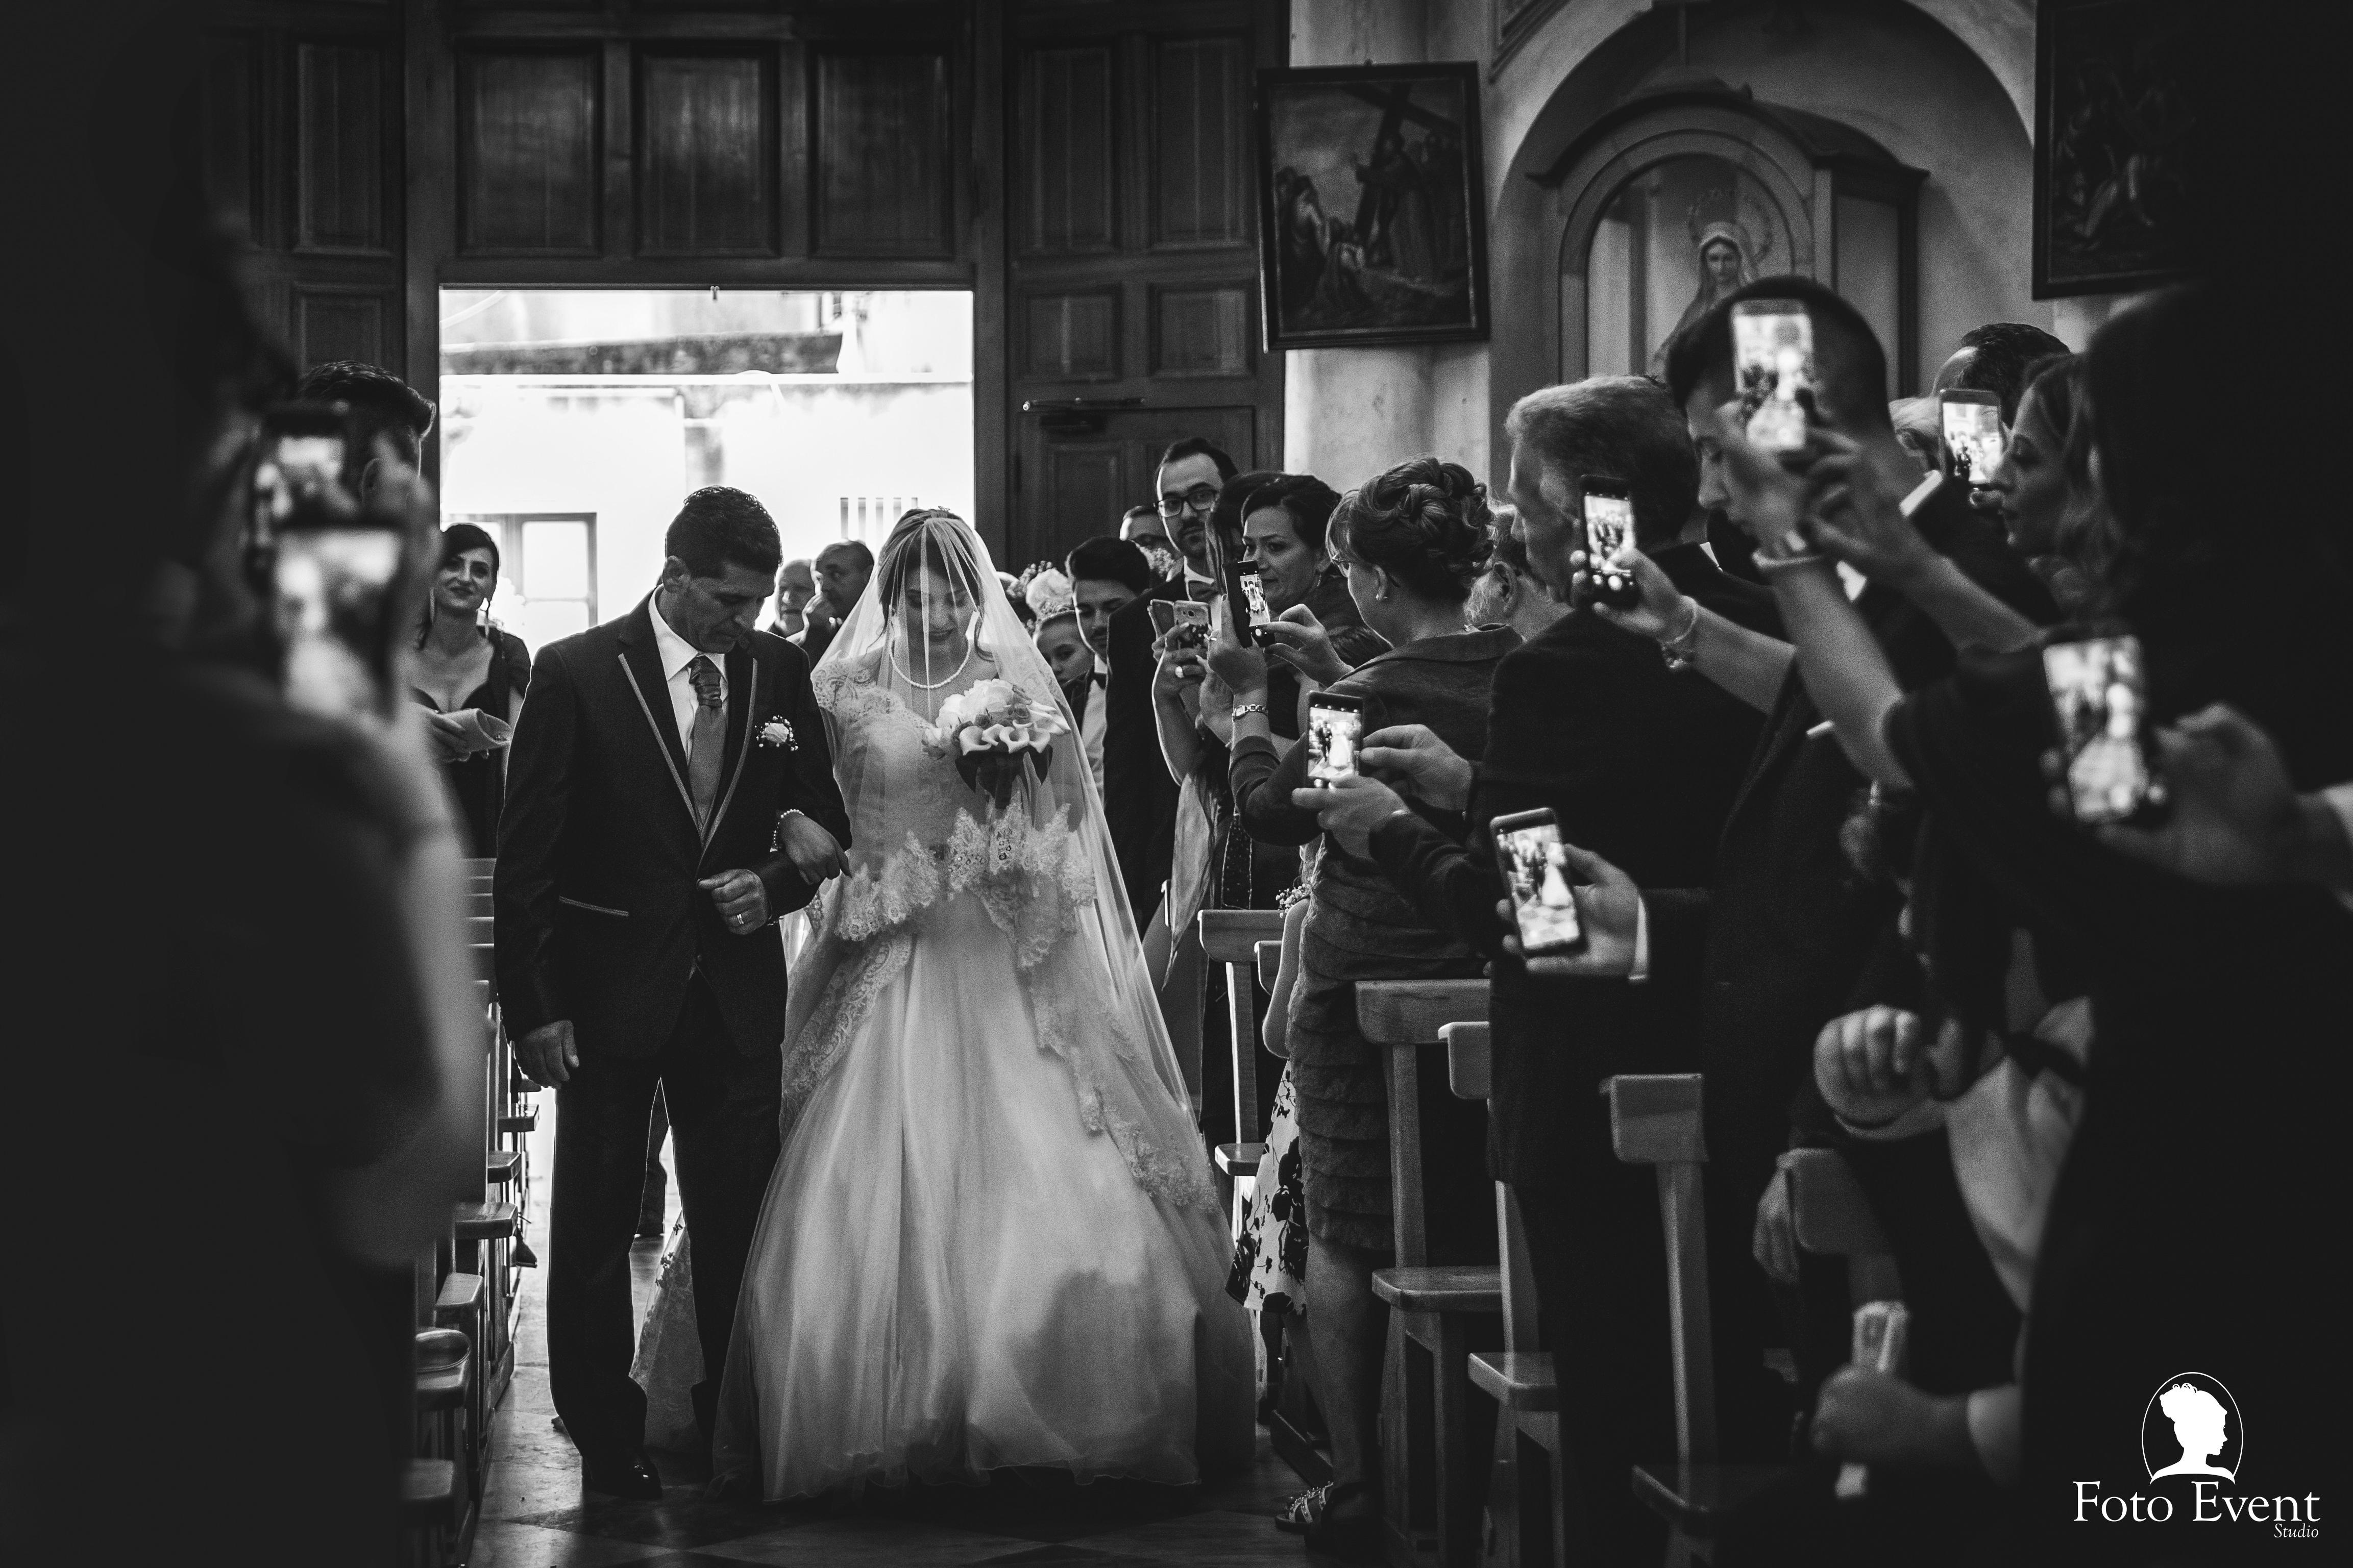 2018-06-29 Matrimonio Angelica e Angelo Bracco 5DE 964a_fb